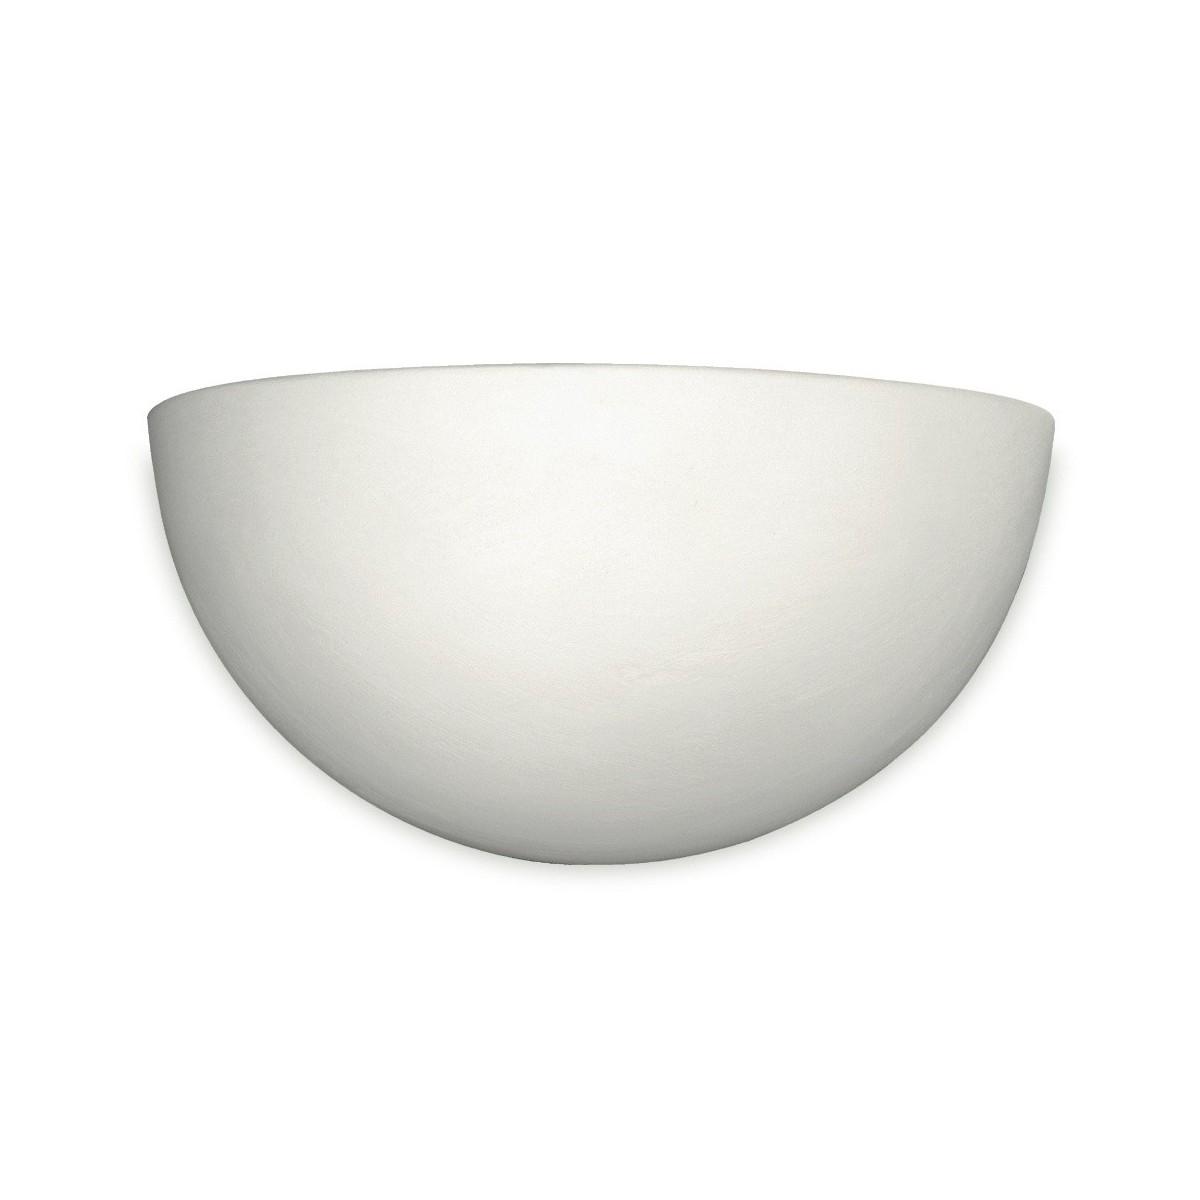 164/00200 - Applique à lunette en céramique Applique à peindre R7S